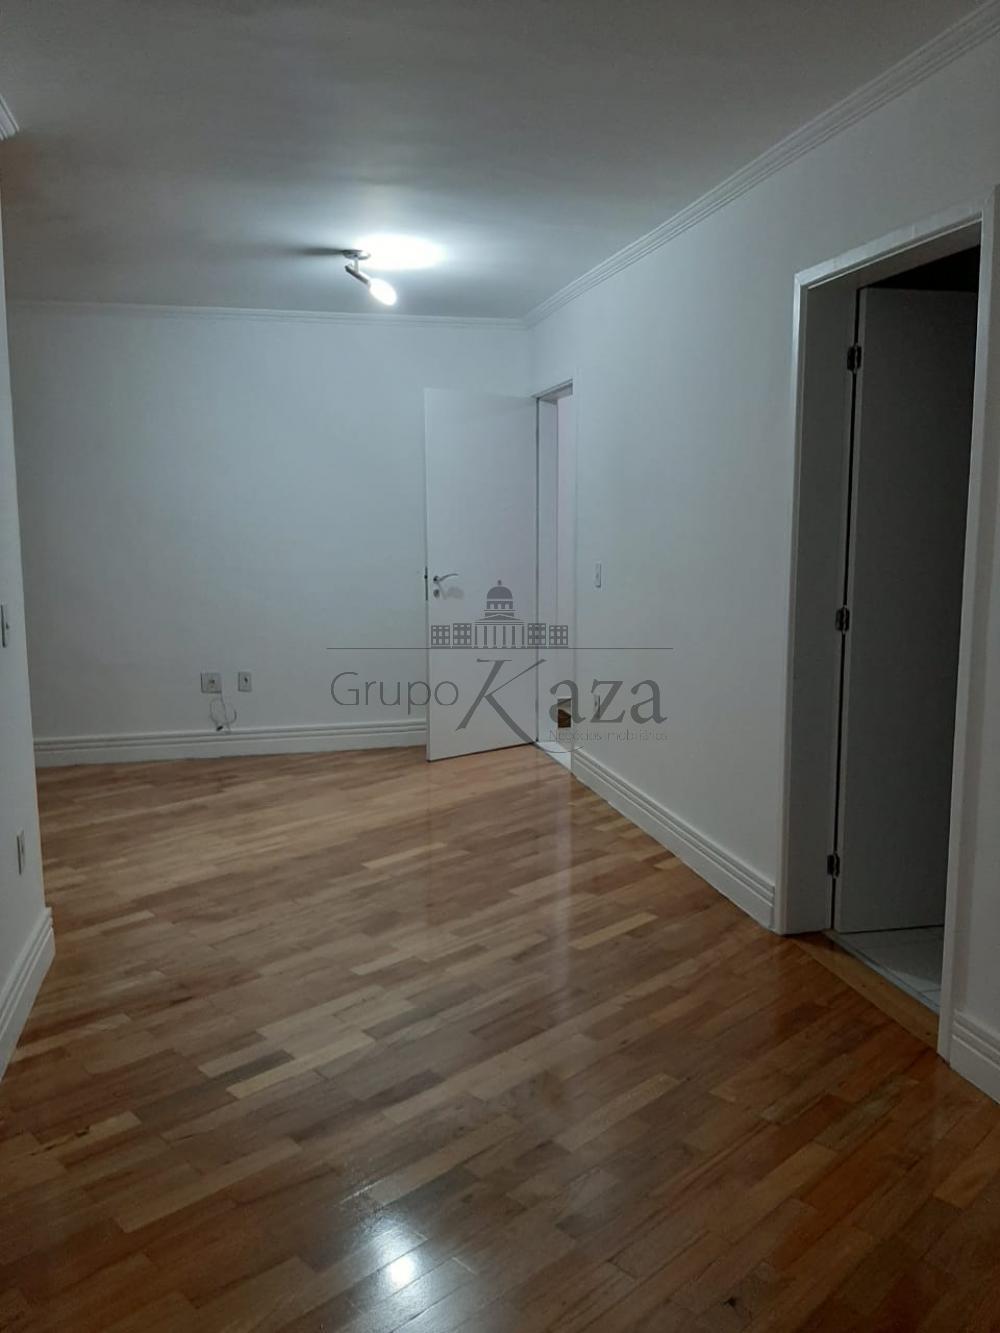 alt='Comprar Apartamento / Padrão em São José dos Campos R$ 380.000,00 - Foto 4' title='Comprar Apartamento / Padrão em São José dos Campos R$ 380.000,00 - Foto 4'